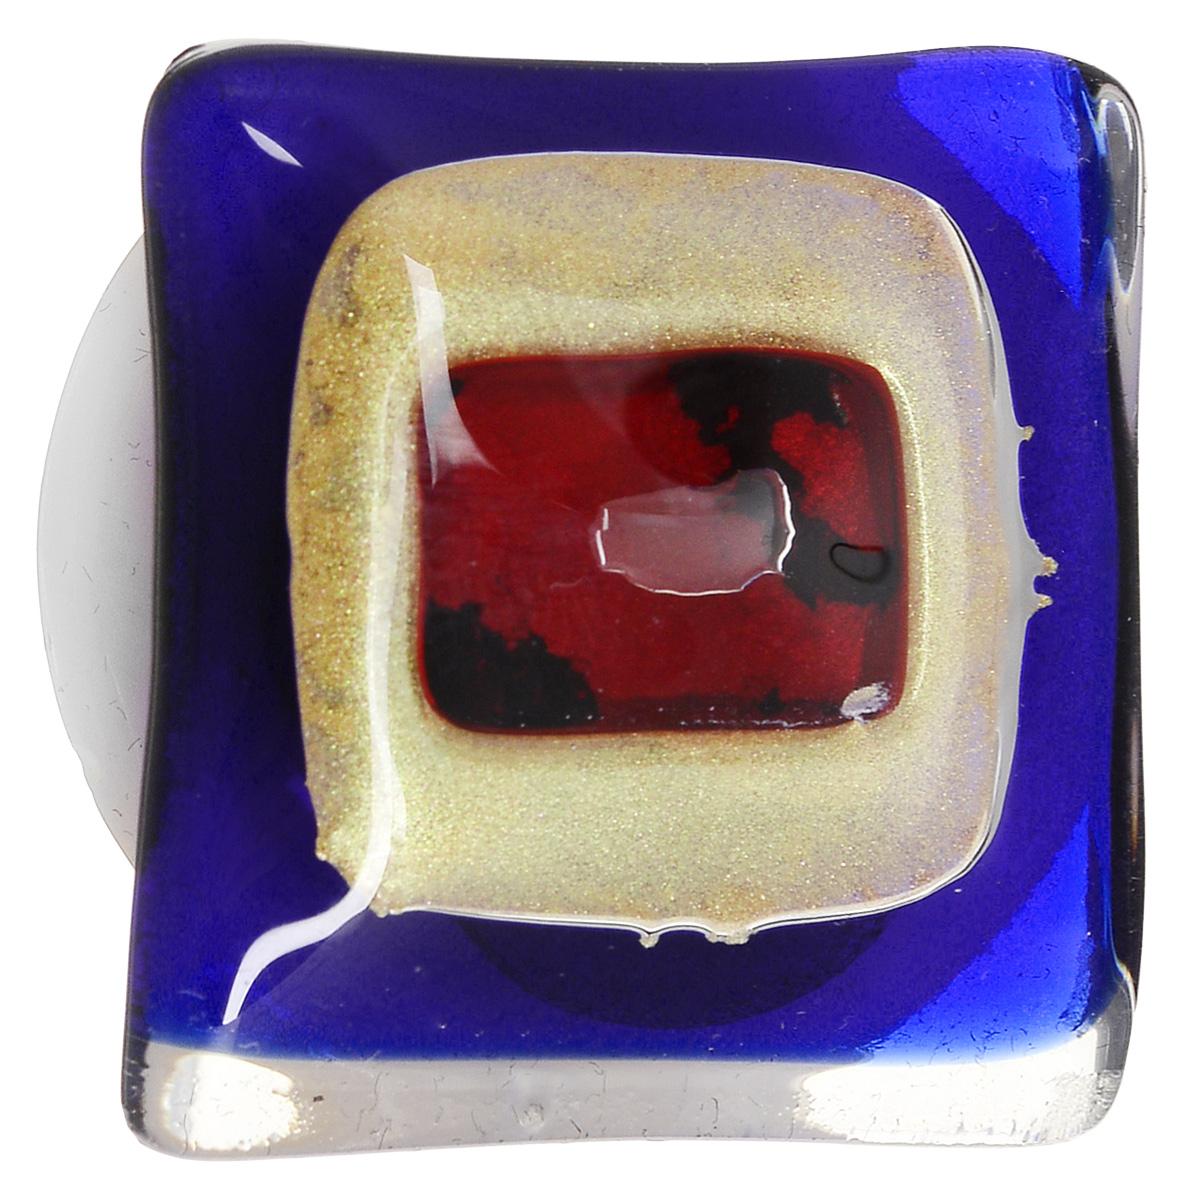 Брошь Сотворение мира. Муранское стекло, магнит, ручная работа. Murano, Италия (Венеция)30028110Брошь Сотворение мира. Муранское стекло, магнит, ручная работа. Murano, Италия (Венеция). Размер - 3 х 3 см. Тип крепления - магнит. Брошь можно носить на одежде, шляпе, рюкзаке или сумке. Каждое изделие из муранского стекла уникально и может незначительно отличаться от того, что вы видите на фотографии.